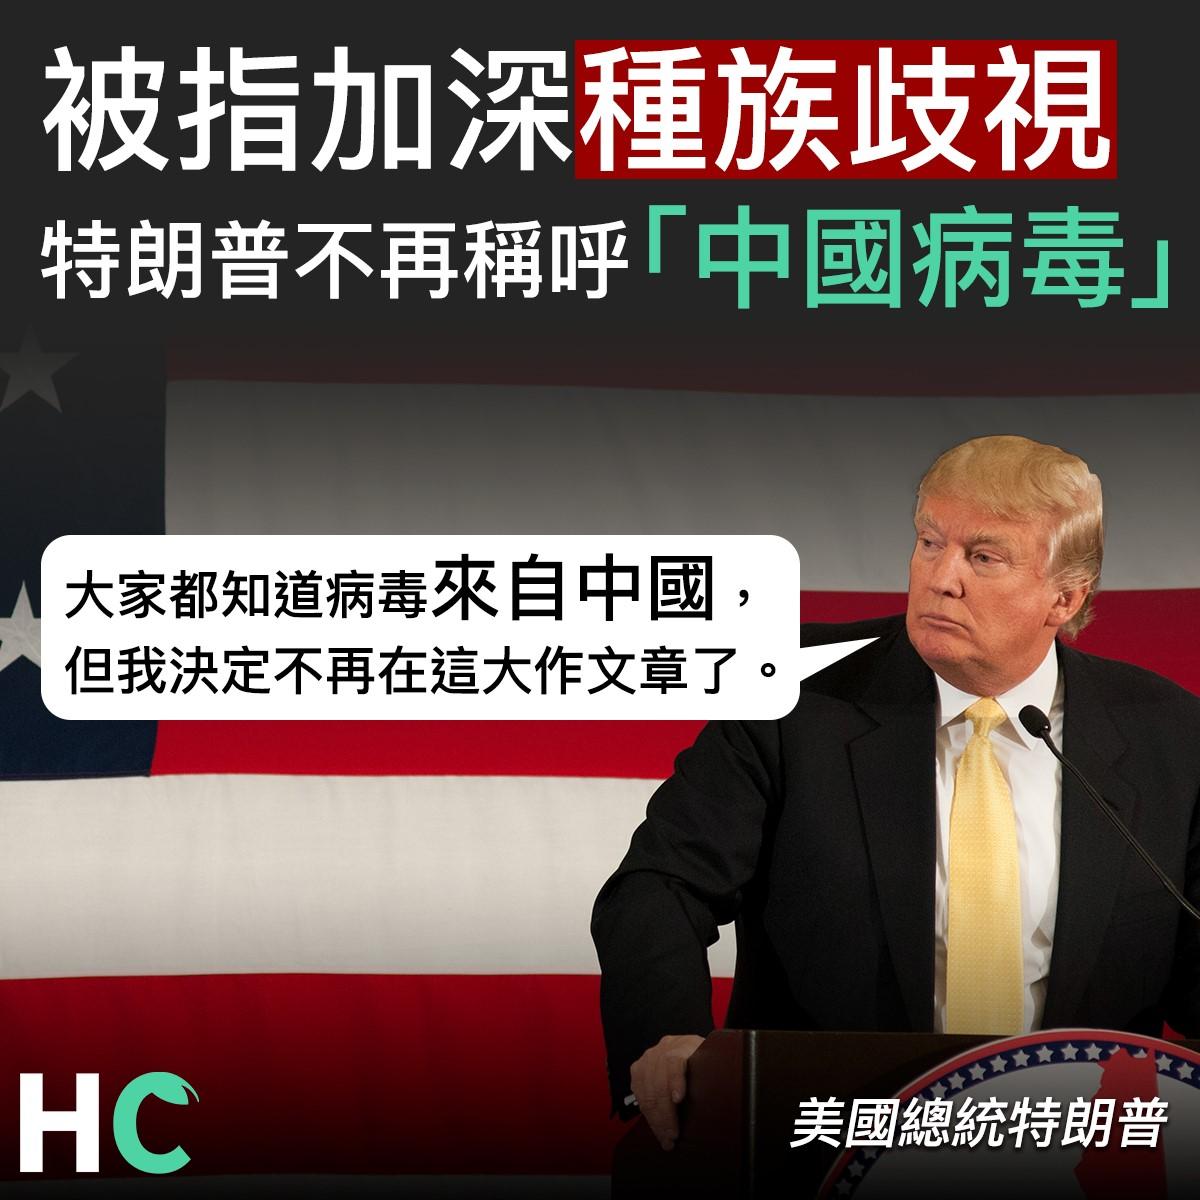 【#武漢肺炎】被指加深種族歧視 特朗普不再稱呼「中國病毒」